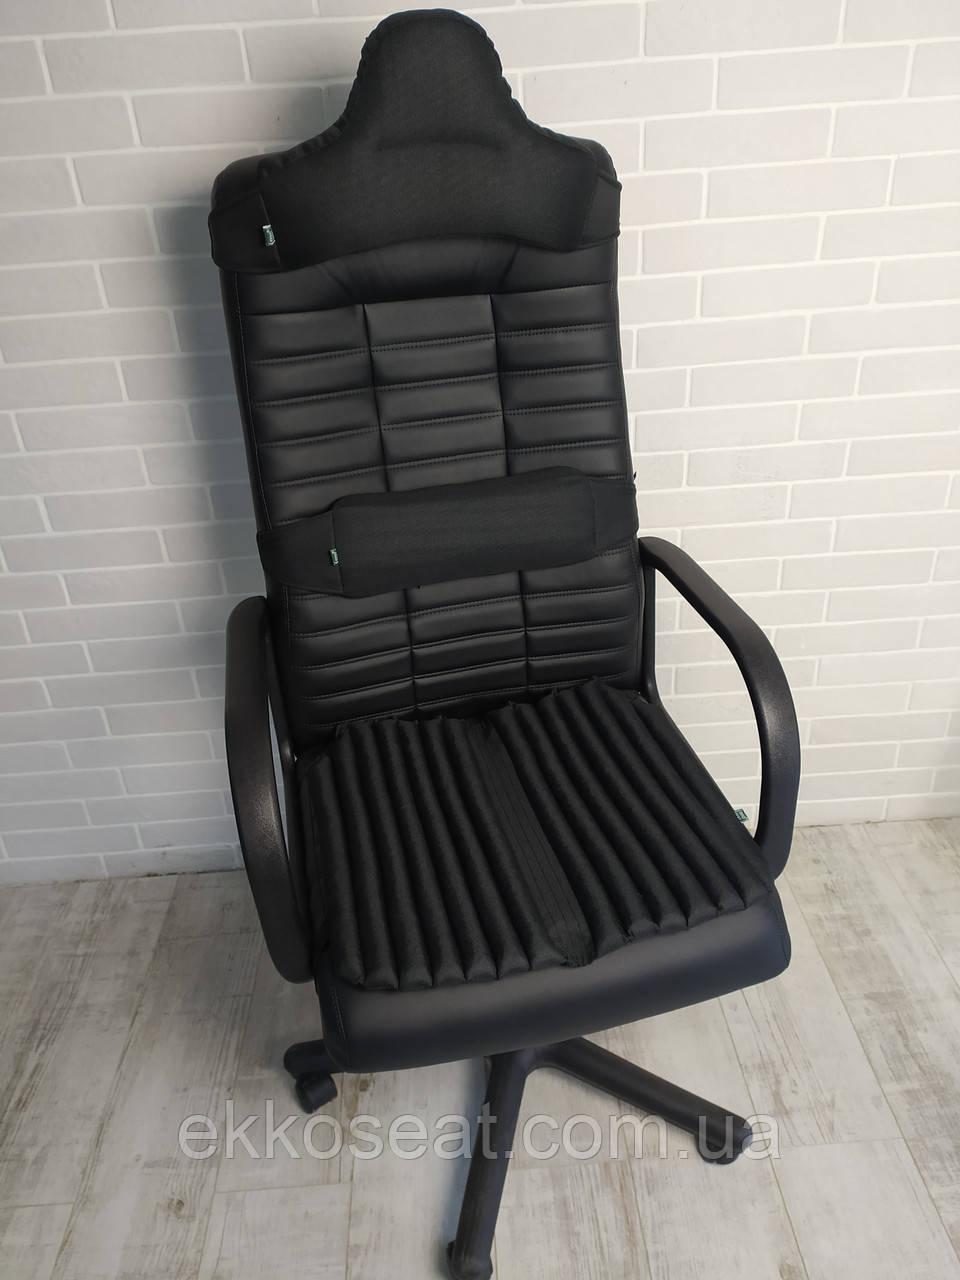 Ортопедическая подушка для сидения на кресле с подушками под поясницу, шею и голову. EKKOSEAT. Черная и др.